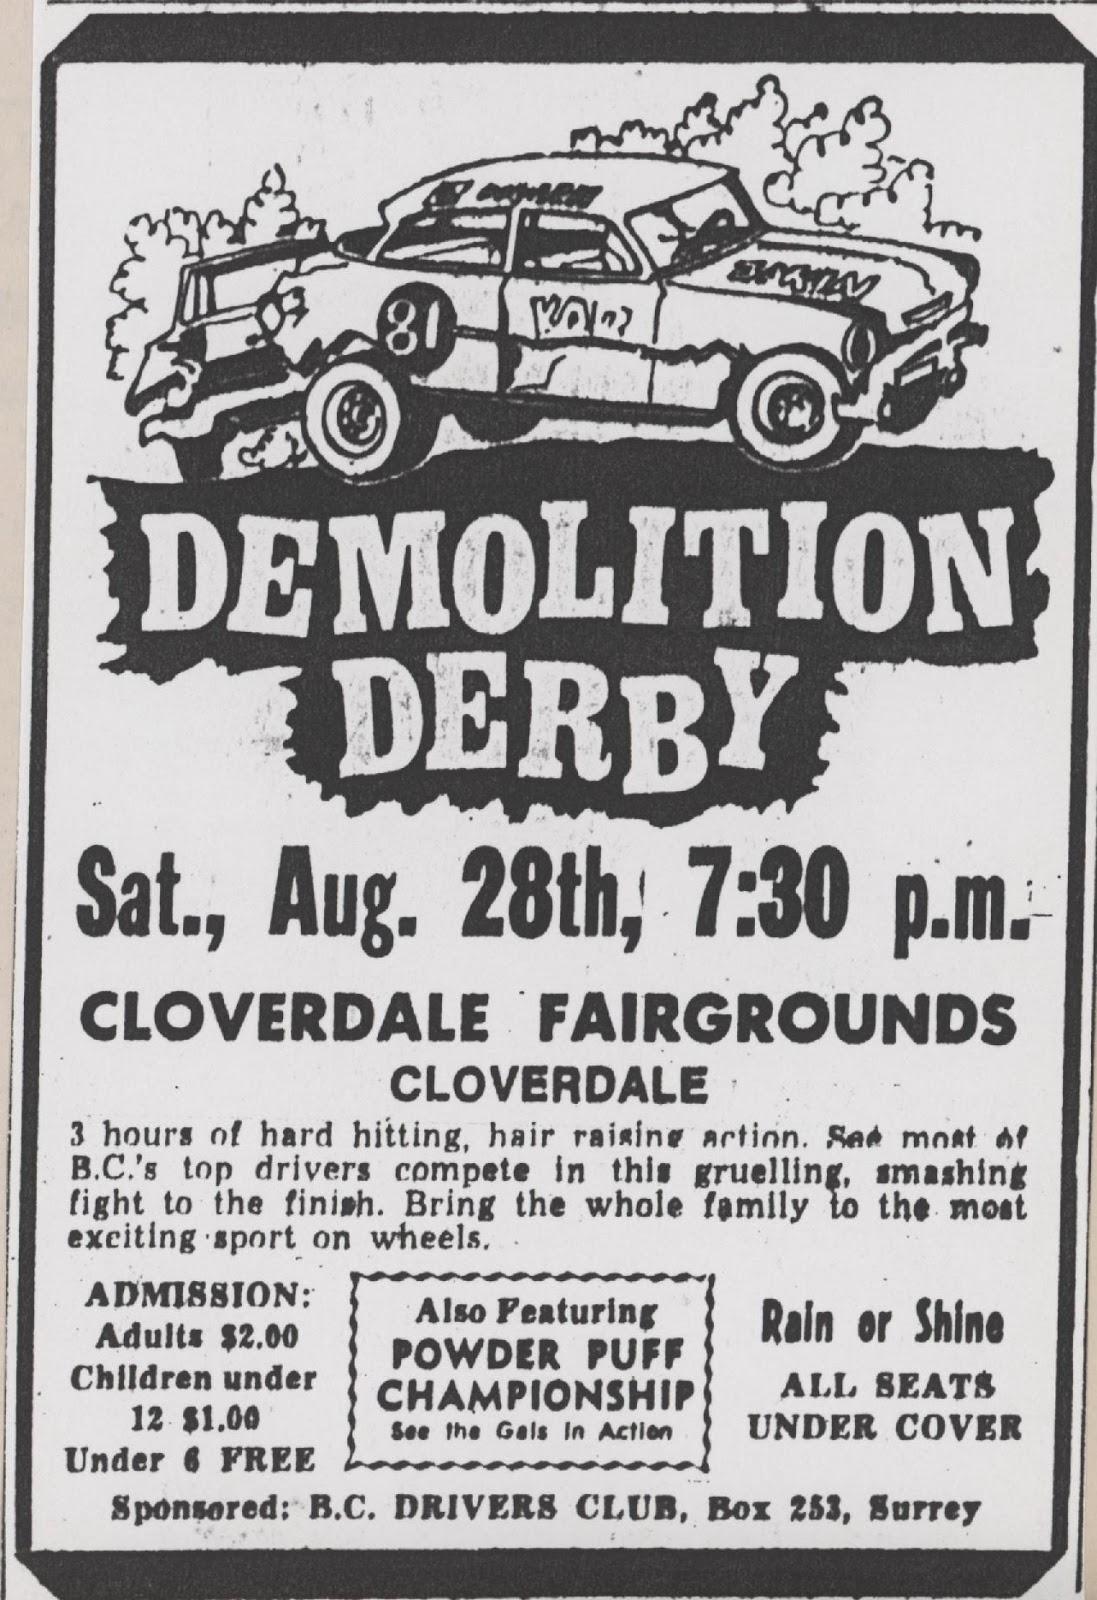 Fresh Demolition Derby Car Coloring